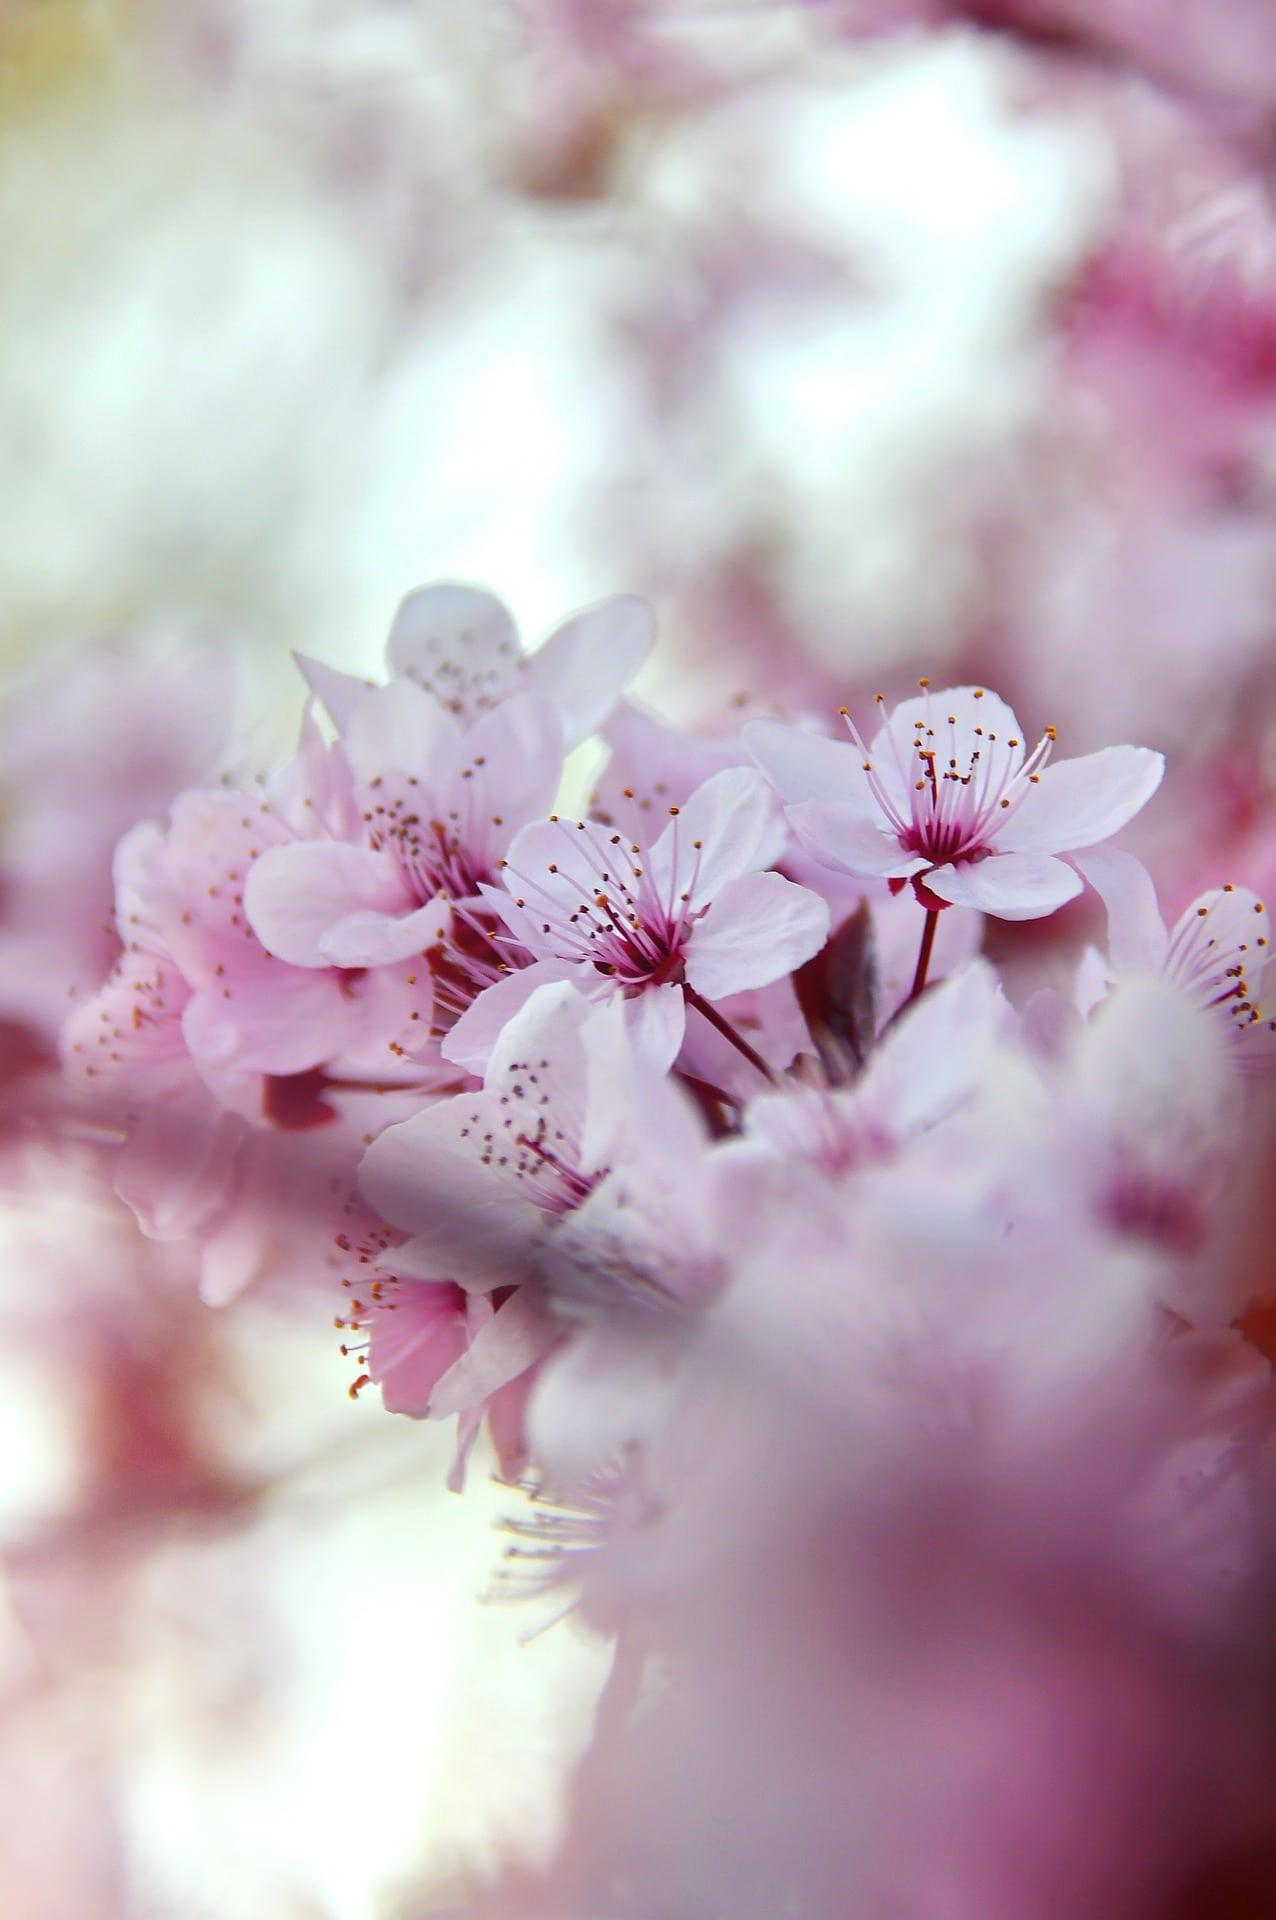 Evighetens Vila Begravningsbyrå blomstrande körsbärsträd